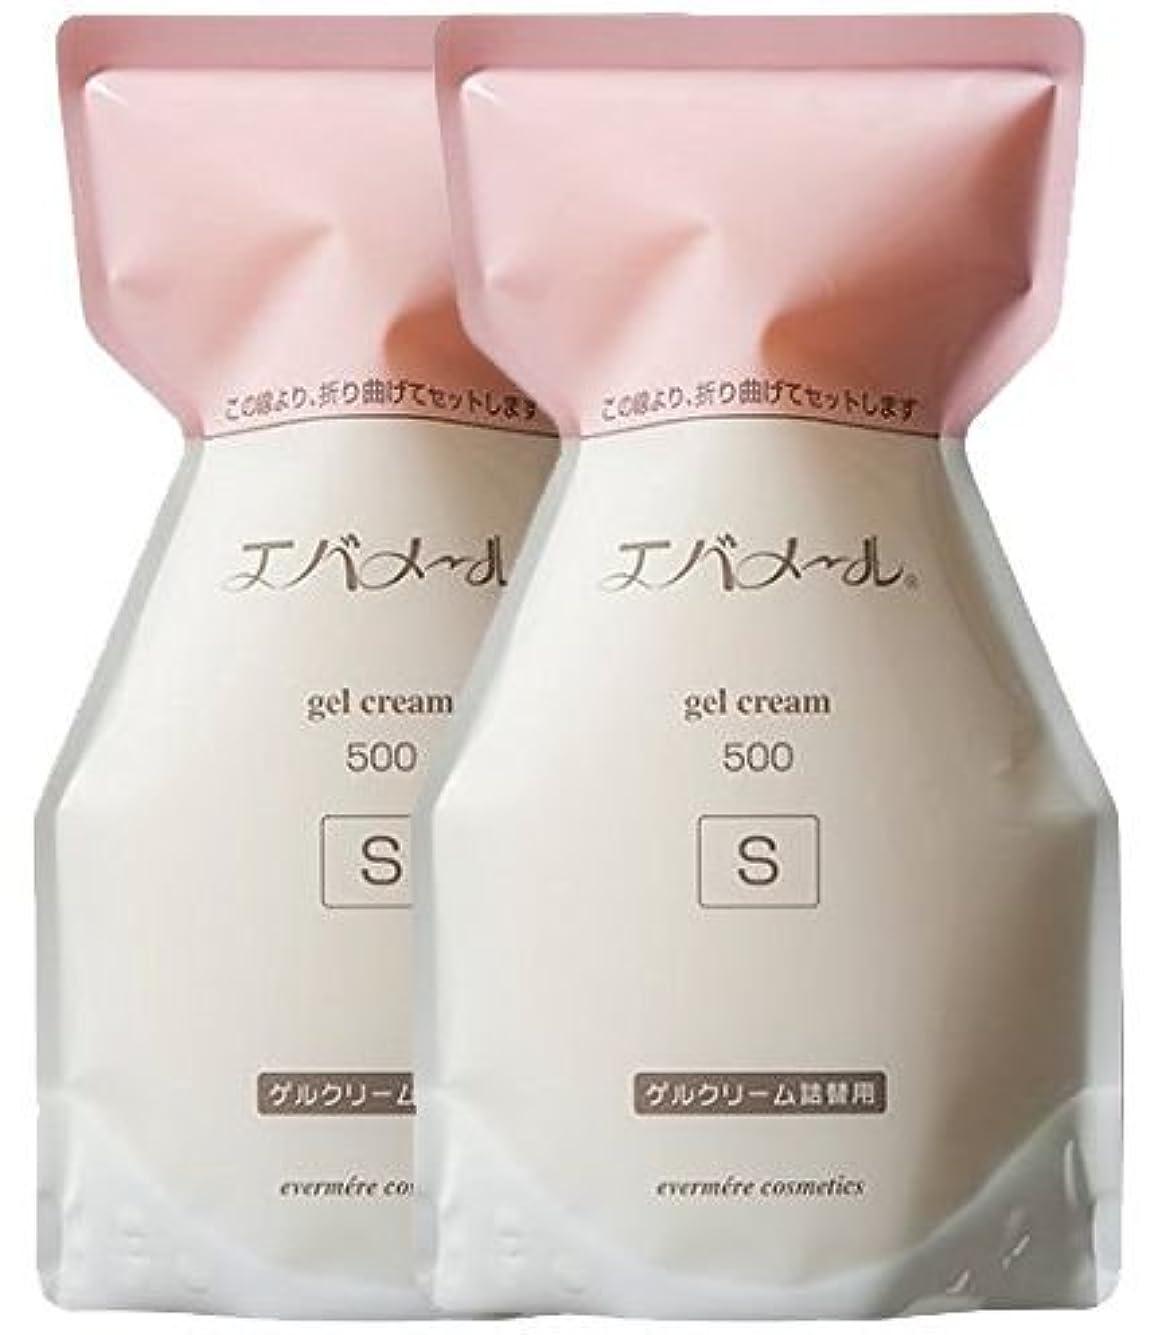 番目化粧傑出したエバメール ゲルクリーム 詰替500g(S) (2個)